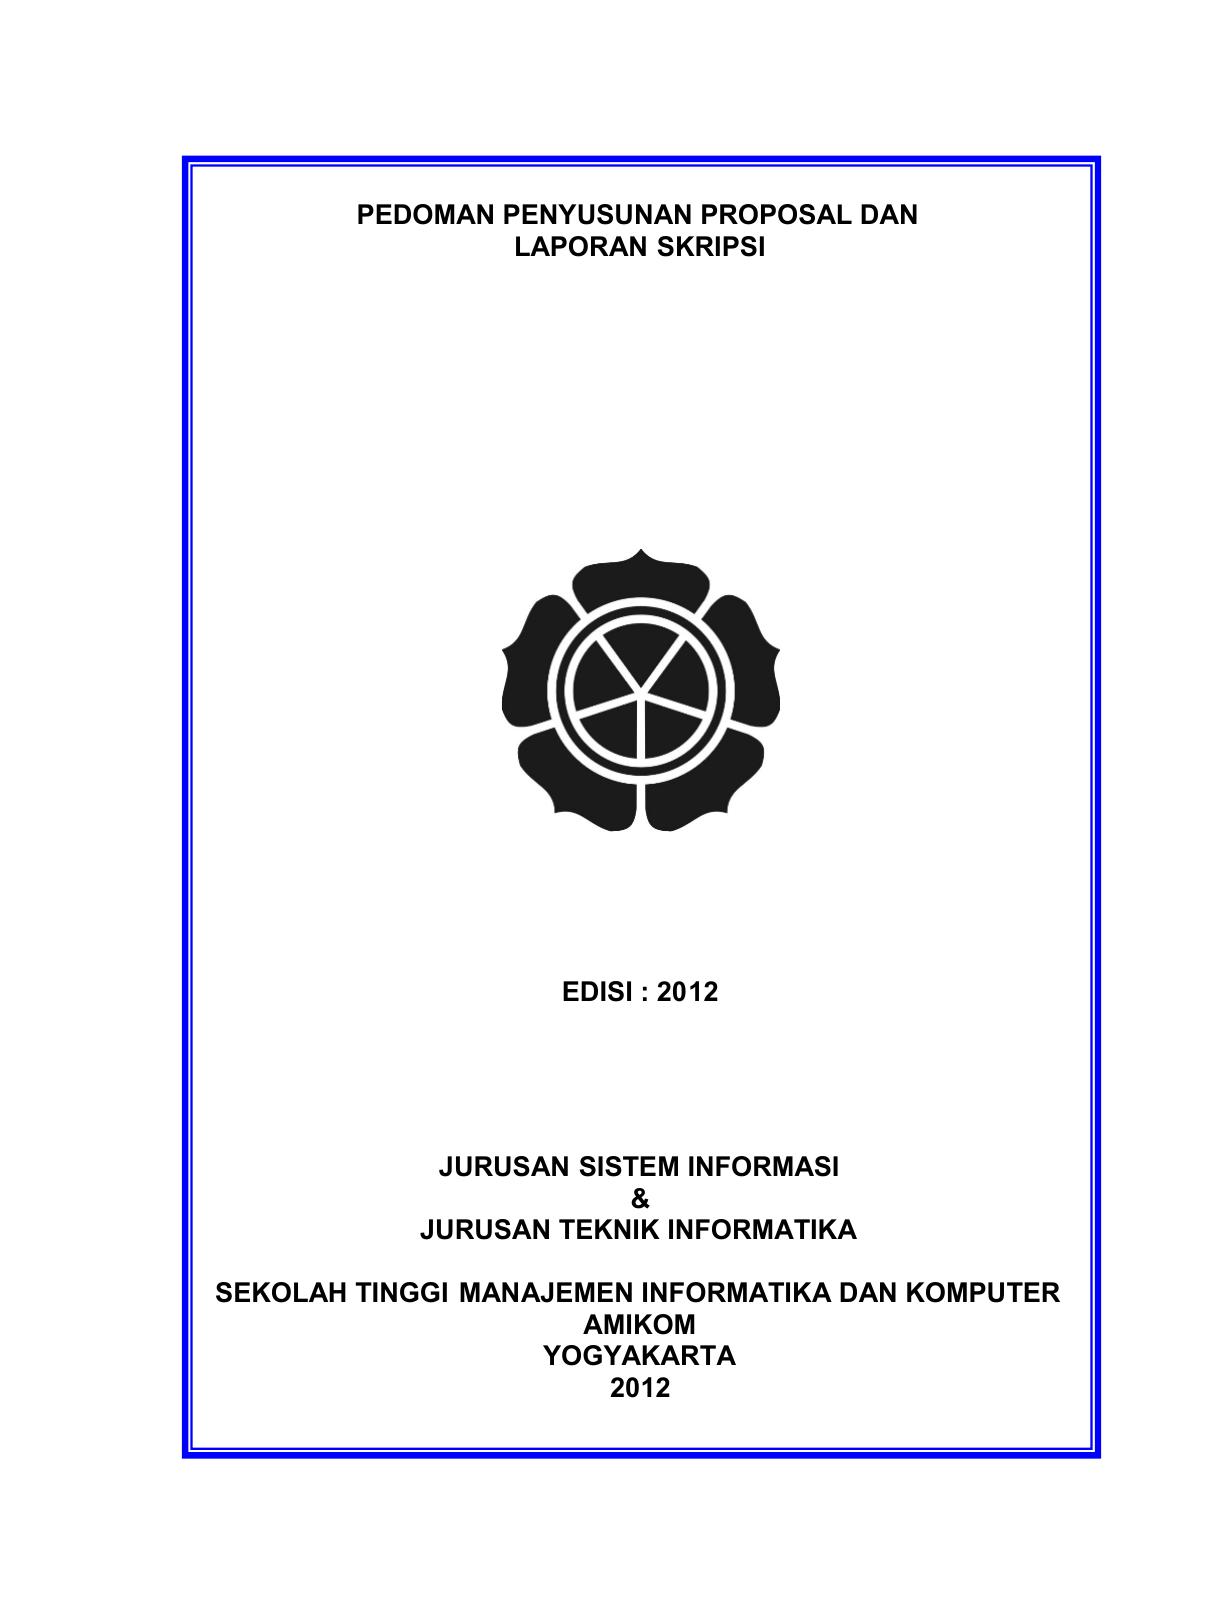 Pedoman Penyusunan Proposal Dan Laporan Skripsi Edisi